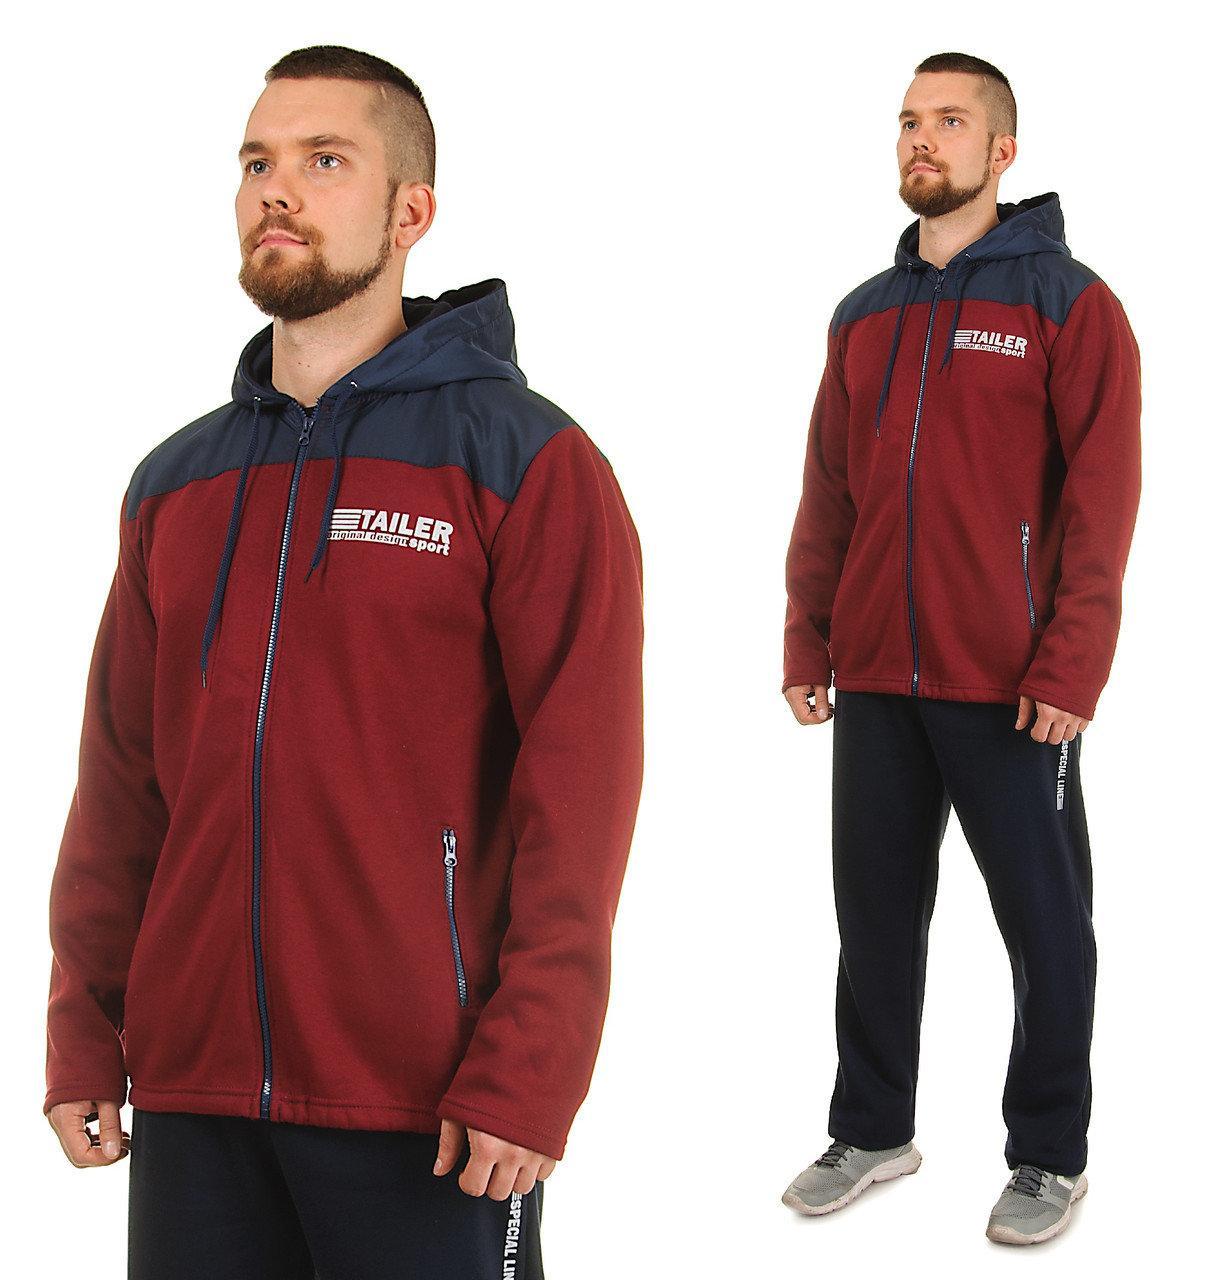 Теплый спортивный костюм мужской трехнитка с плащевкой, бордовый